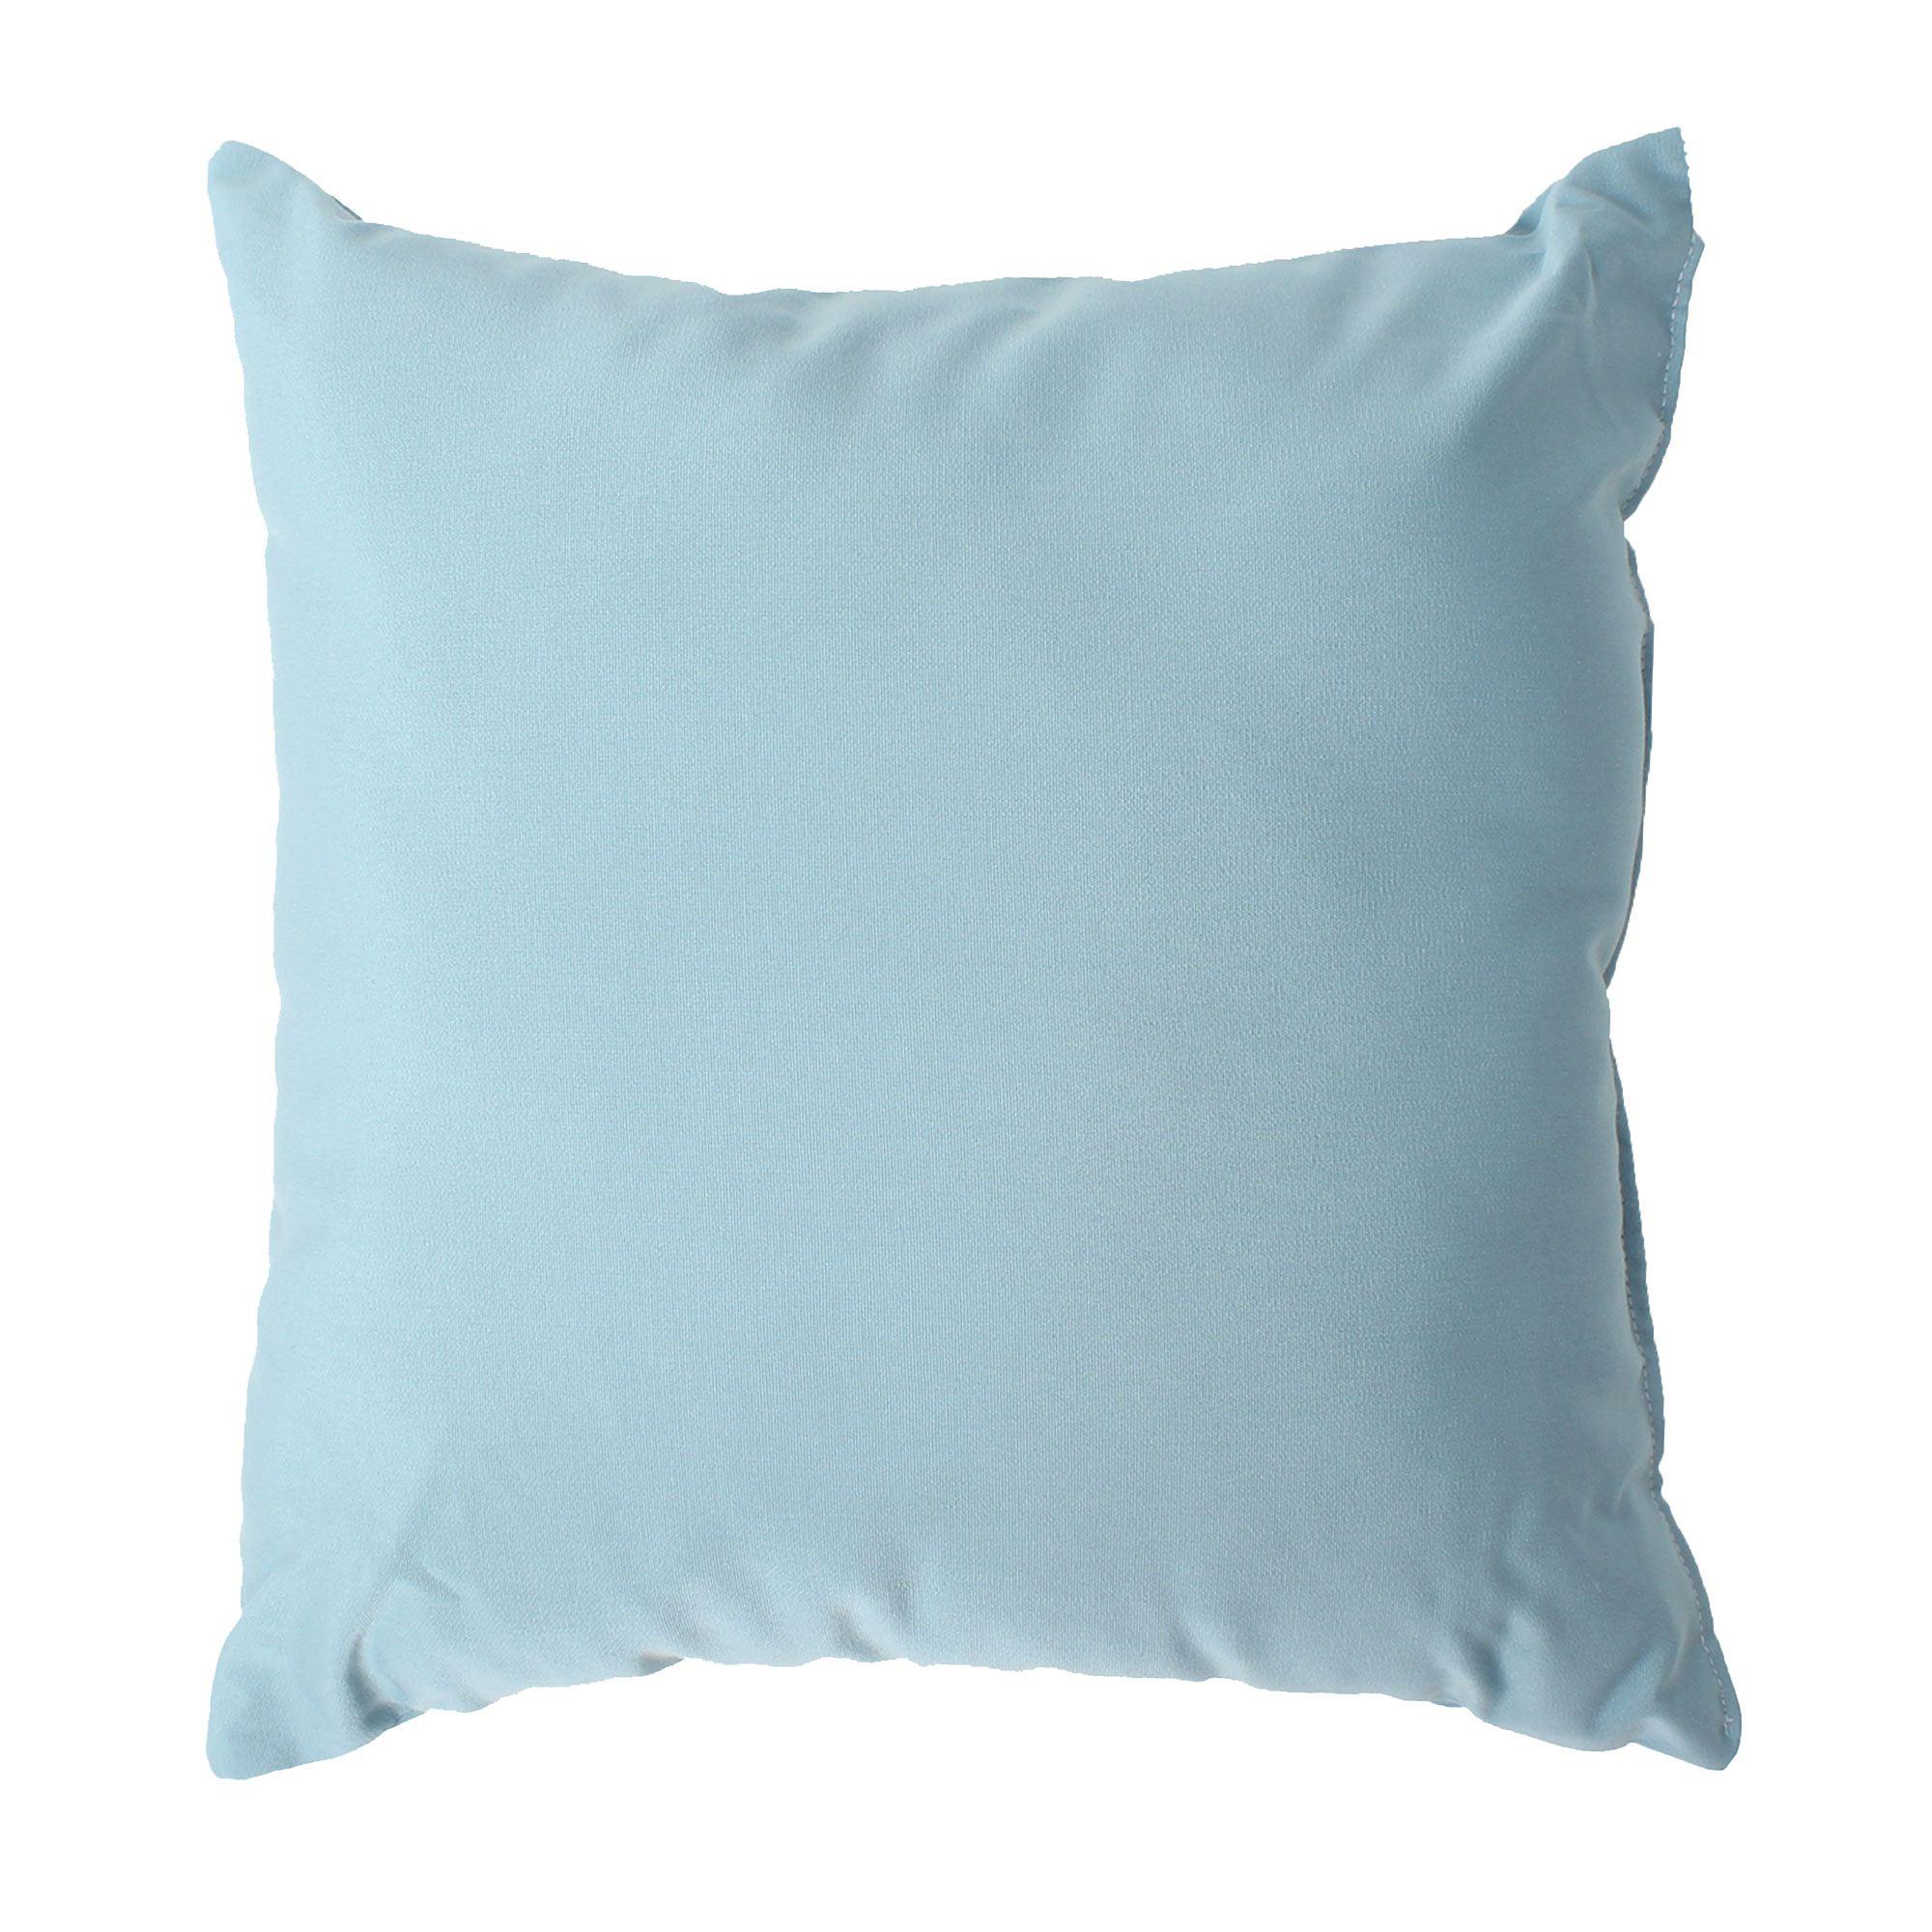 Mineral Blue Sunbrella Outdoor Throw Pillow